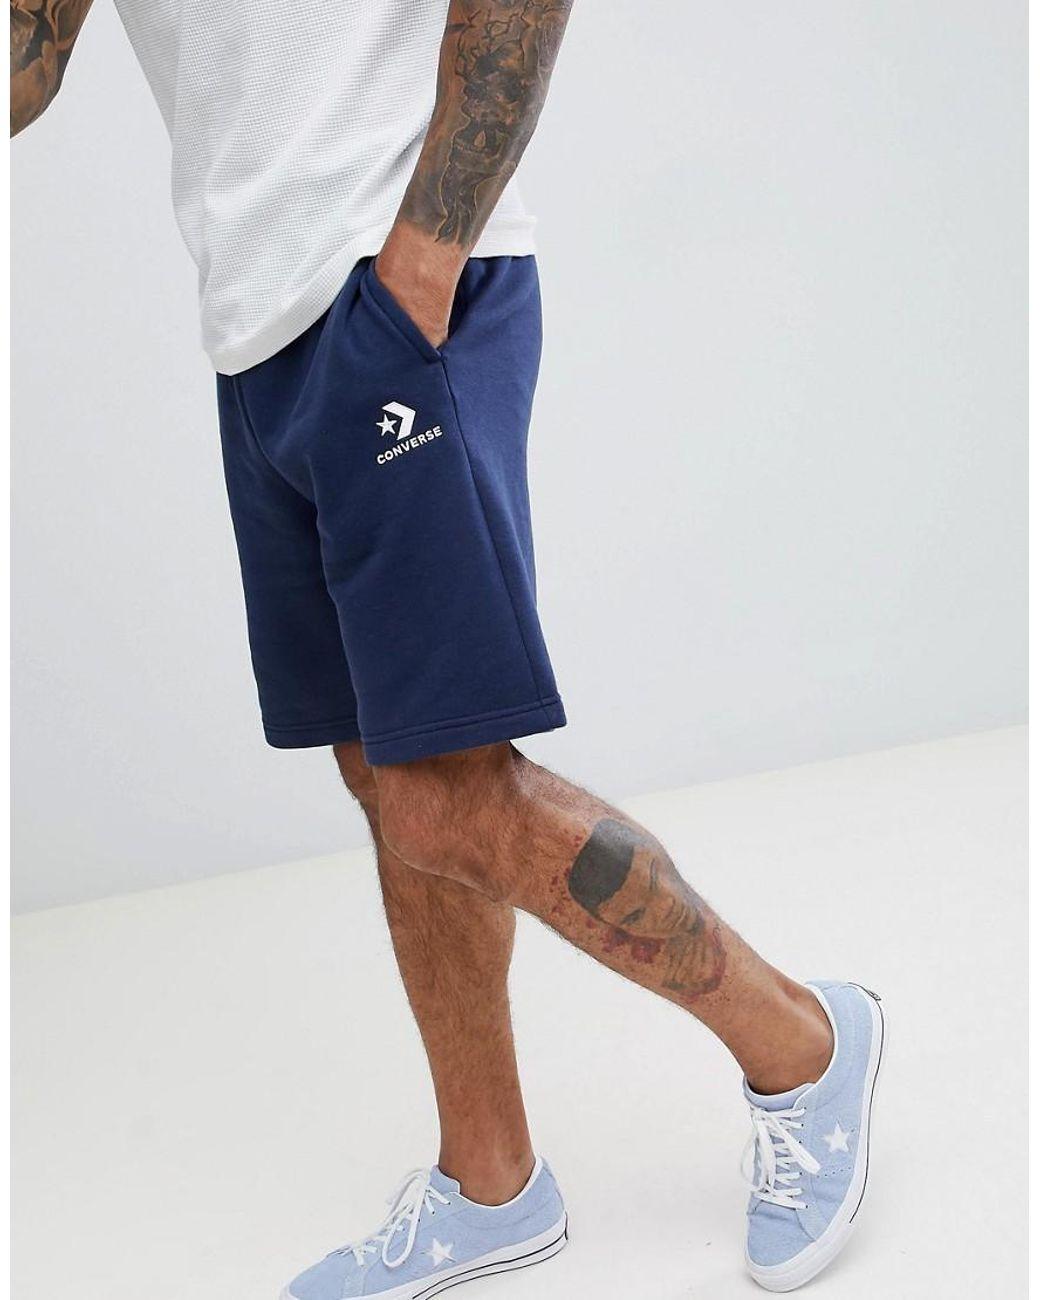 Short en jersey à logo Bleu marine 10008817 A02 homme